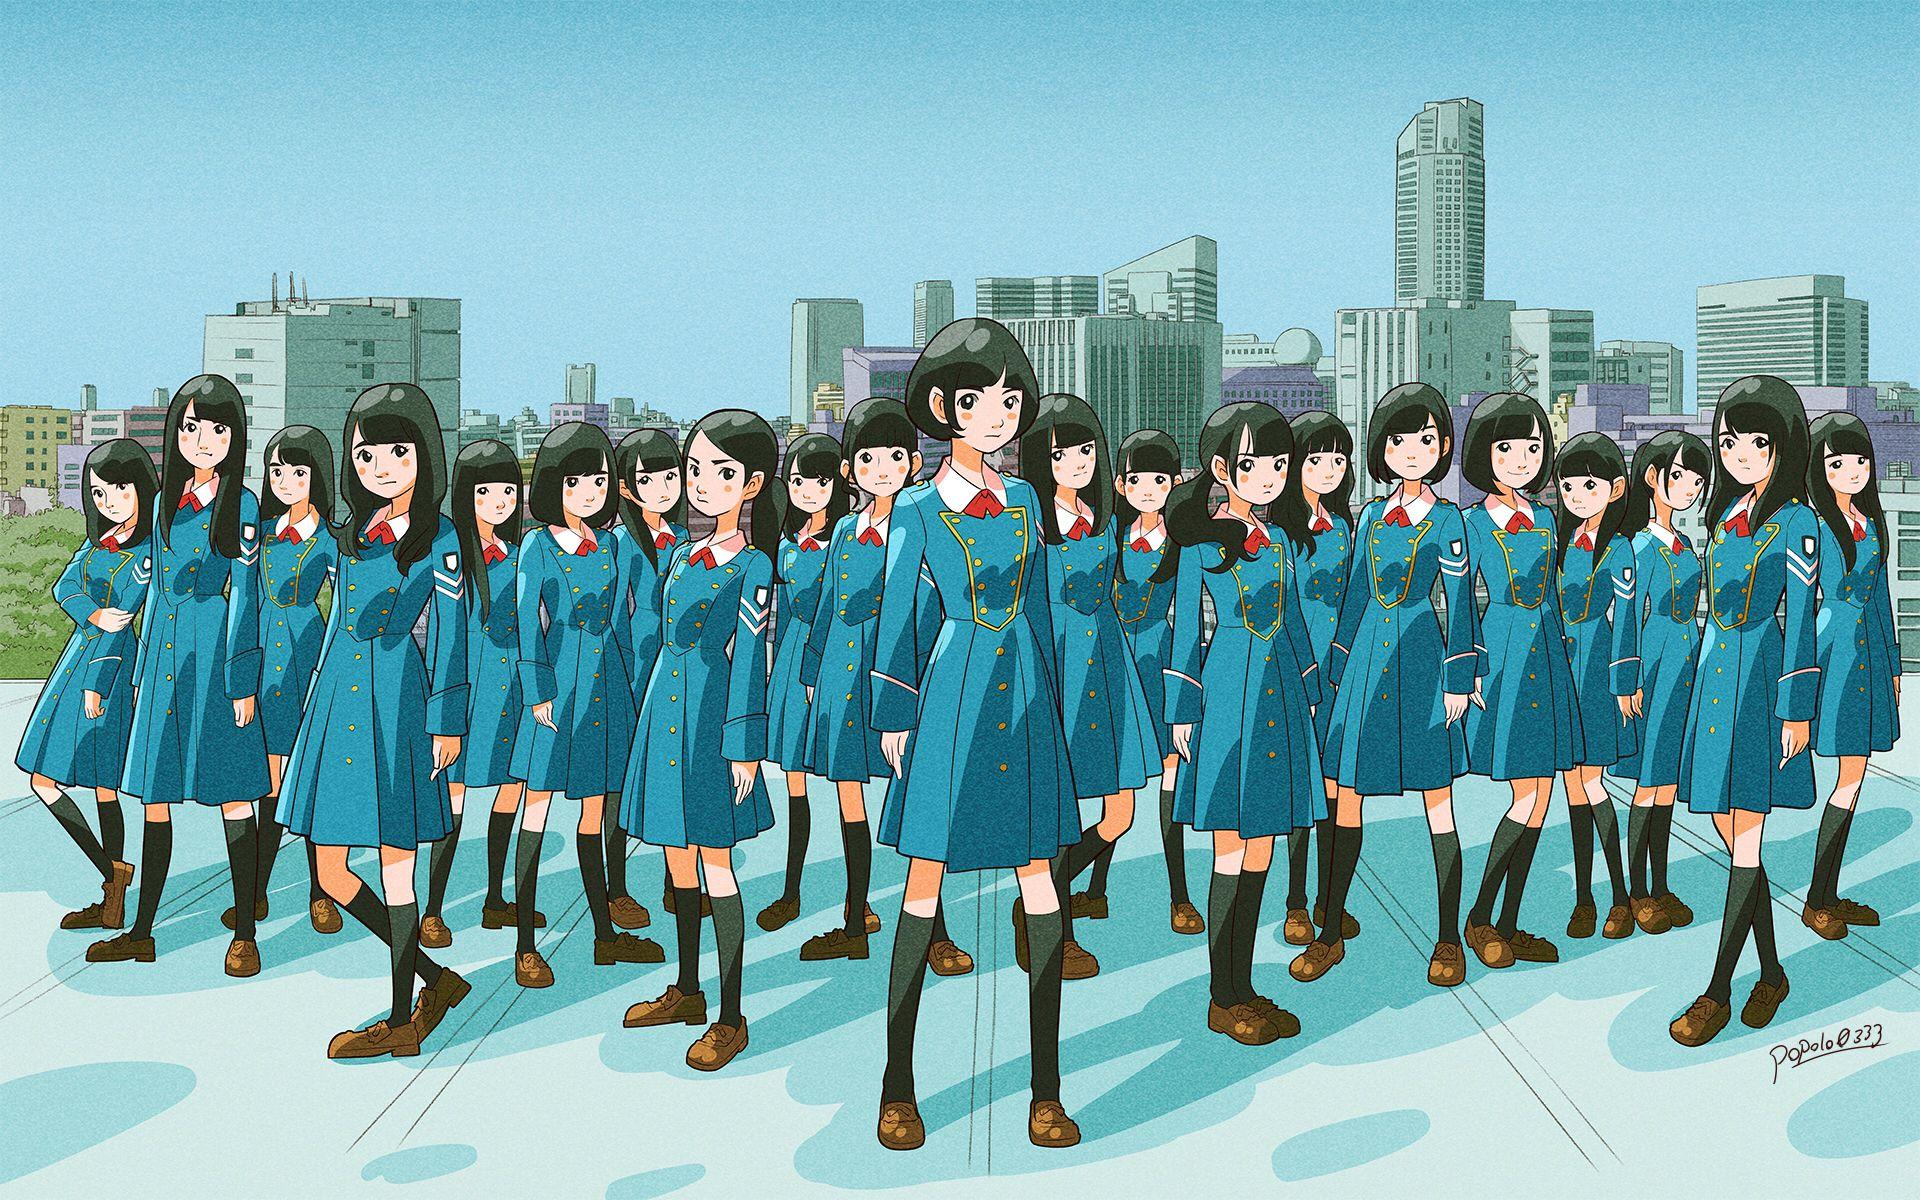 けやき坂46: 欅坂46 サイレントマジョリティー イラスト #欅坂46 #イラスト